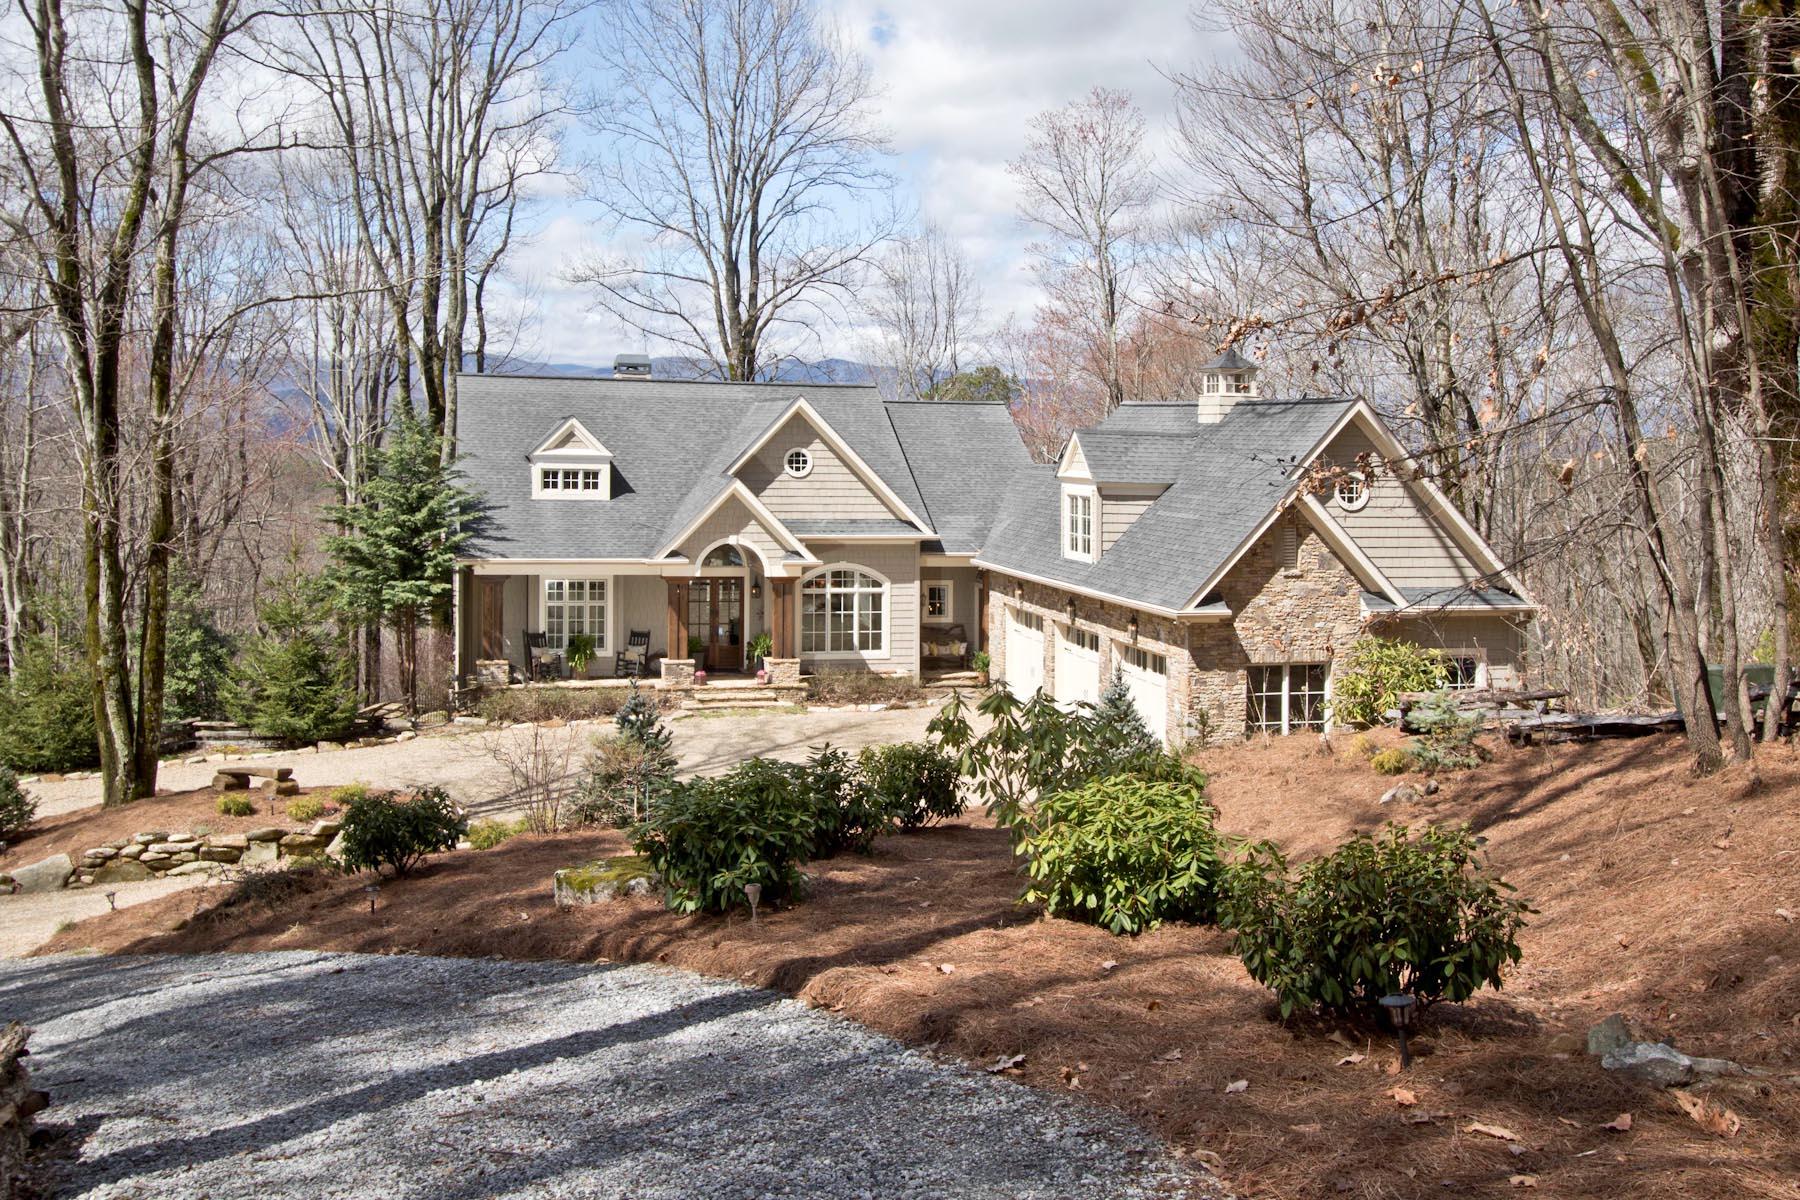 Enfamiljshus för Försäljning vid 585 Hurrah Ridge 585 Hurrah Ridge Scaly Mountain, North Carolina 28775 Förenta staterna